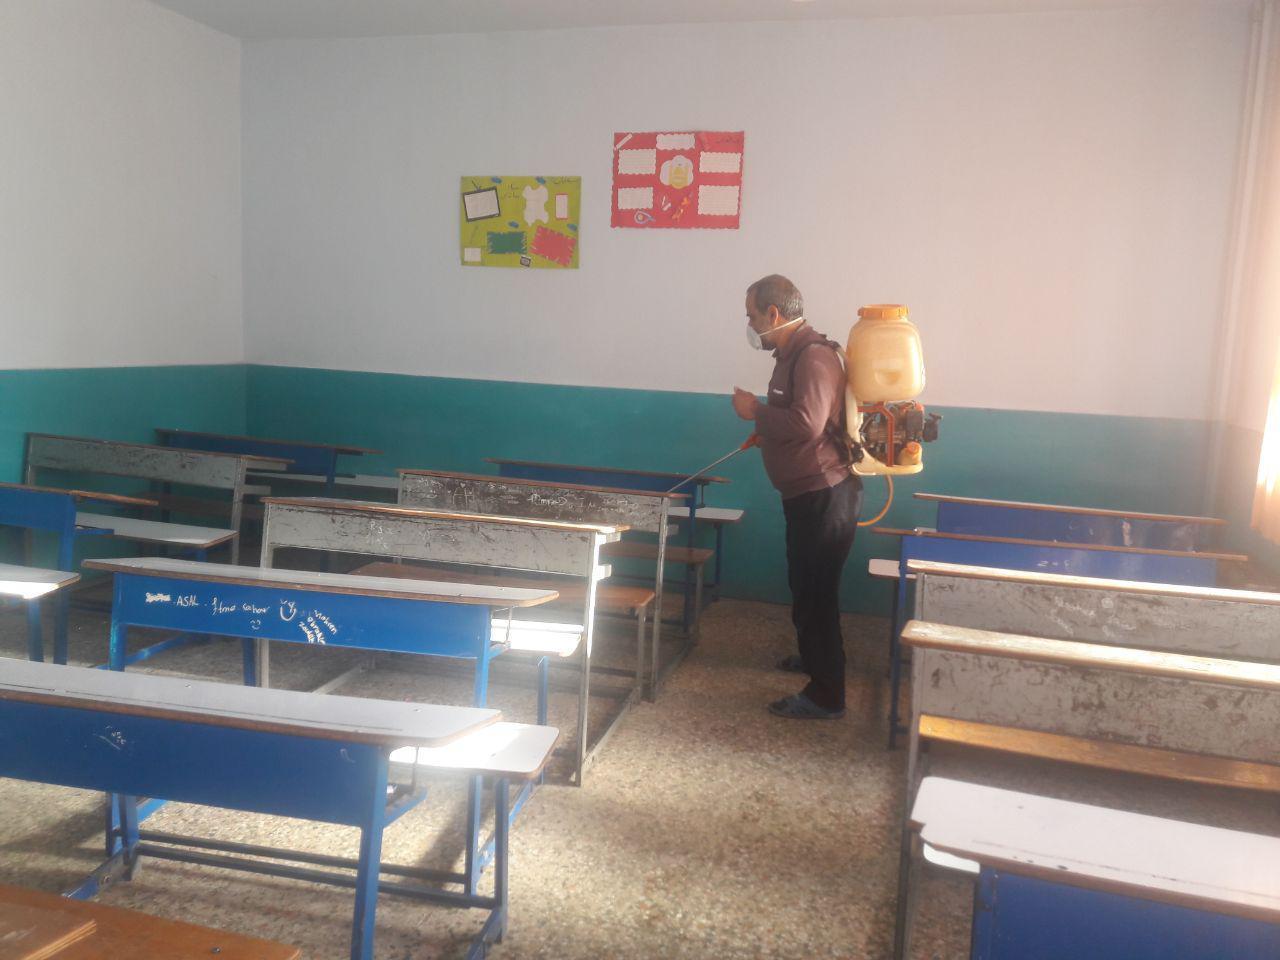 ضدعفونی بیش از ۲۰۰ مدرسه در تالش